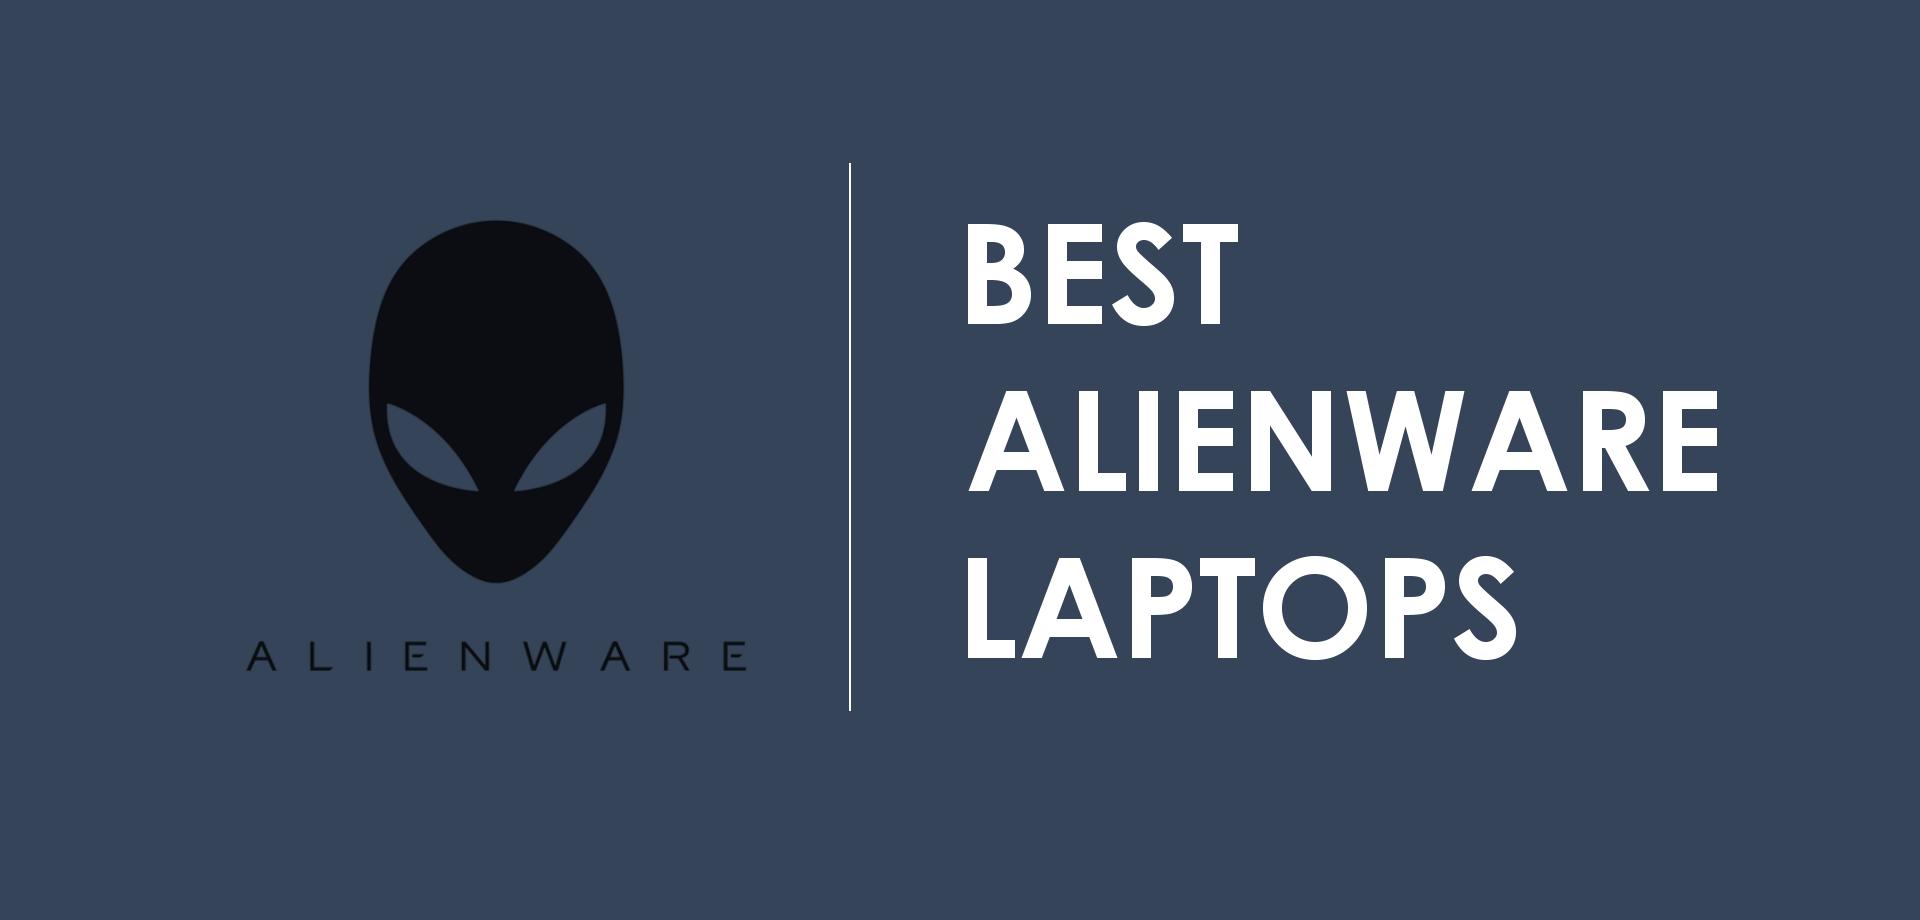 Best Alienware Laptops For Gaming Alienware Alienware Laptop Pin Ads